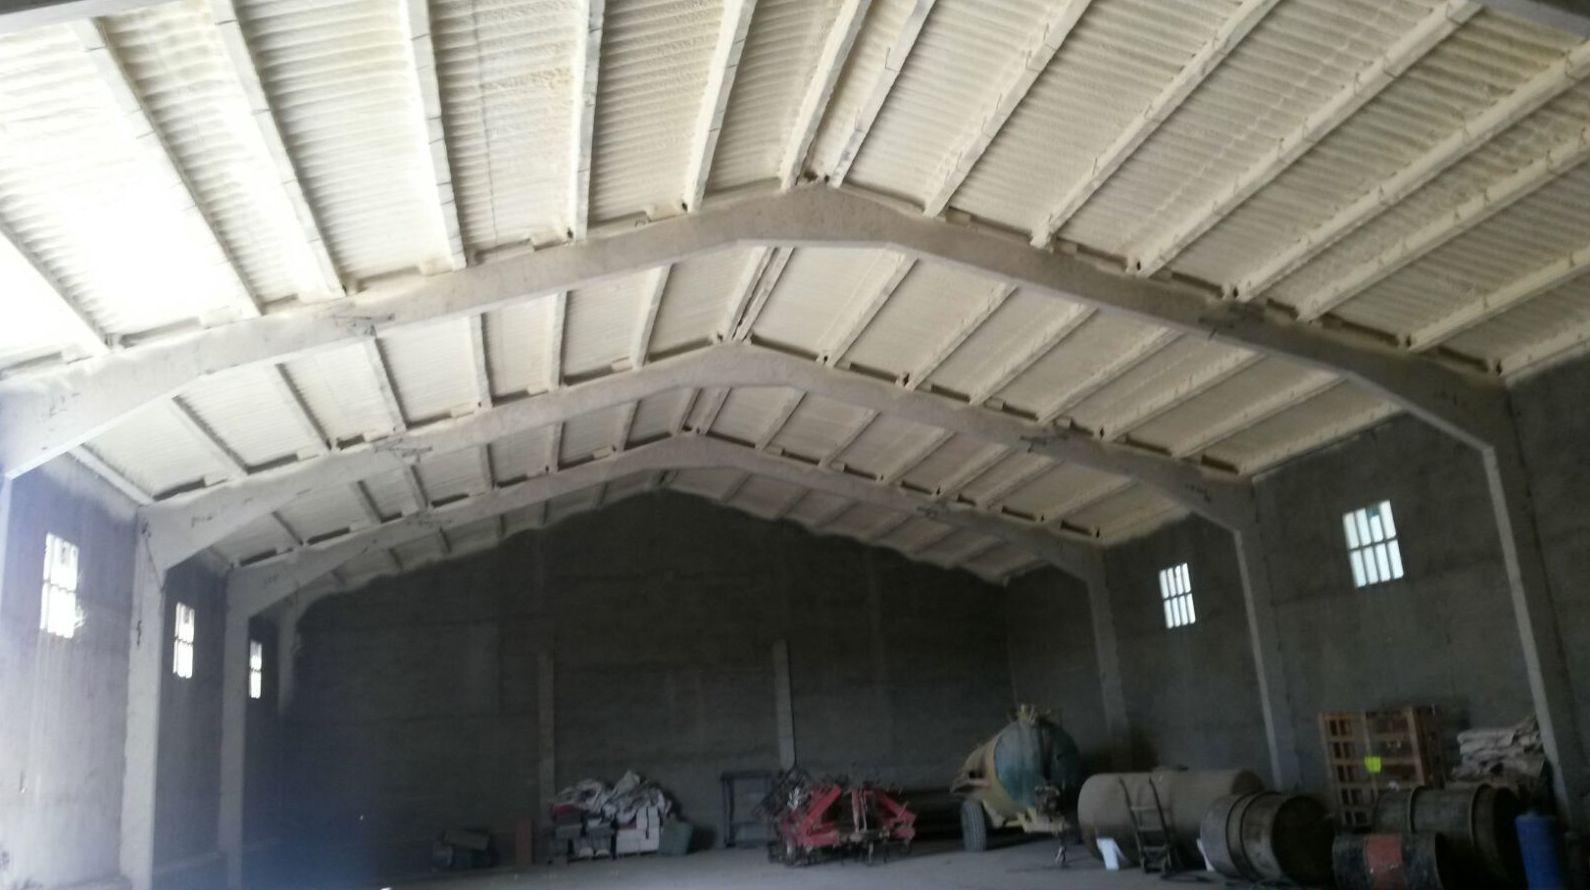 Aislamiento con espuma rígida de poliuretano sobre  techos de nave.